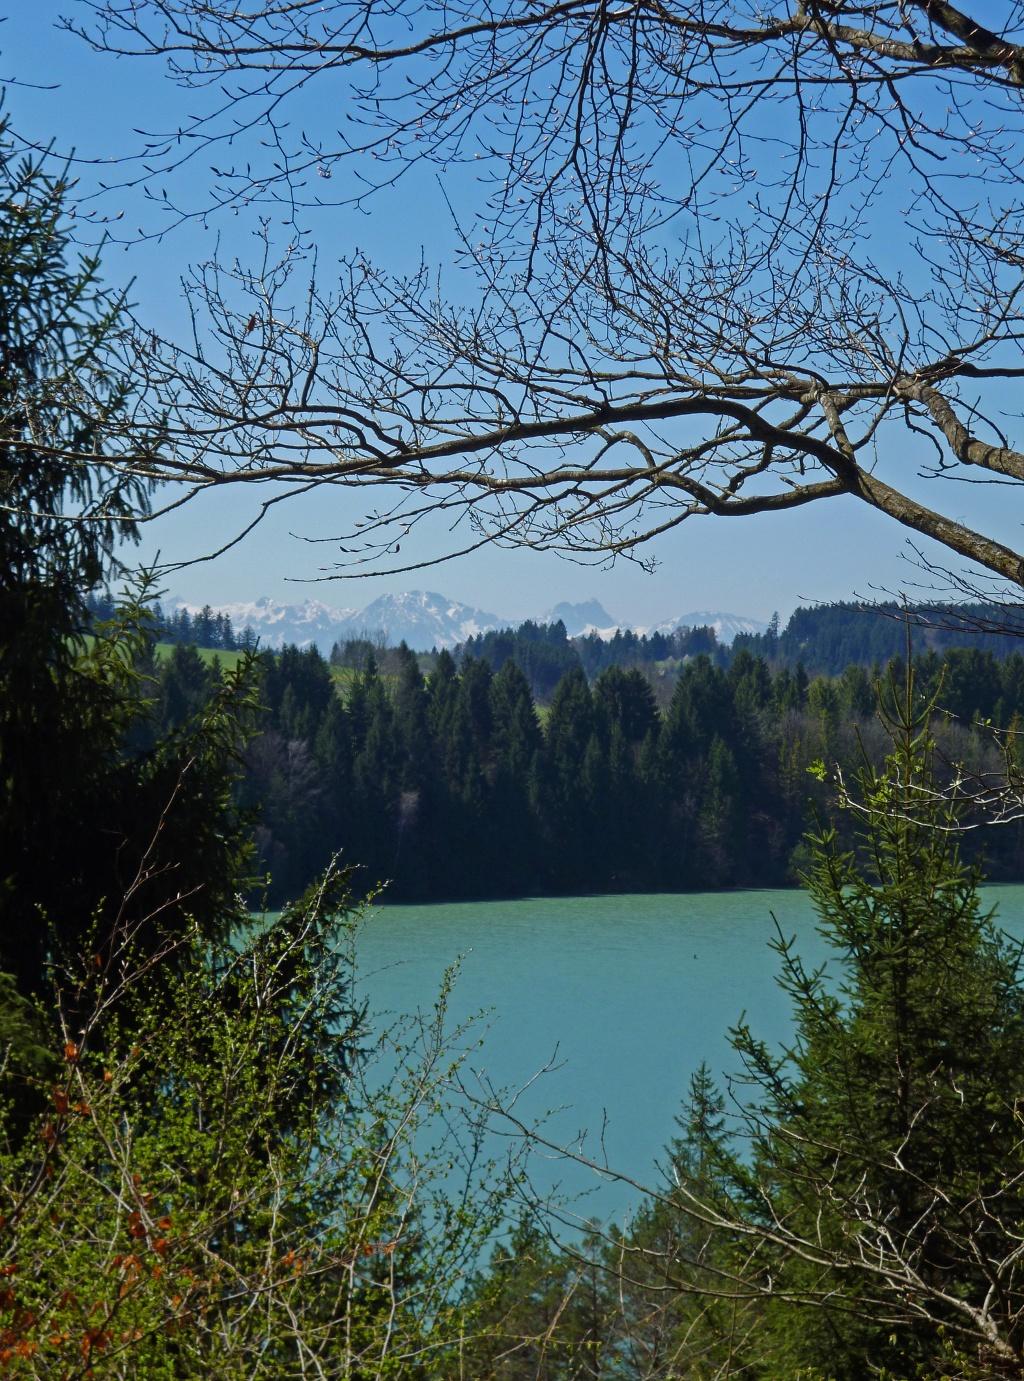 Wunderschöner Blick vom Rand der Heidewiese auf den Lech und die Alpenkette. (Monika Heindl)